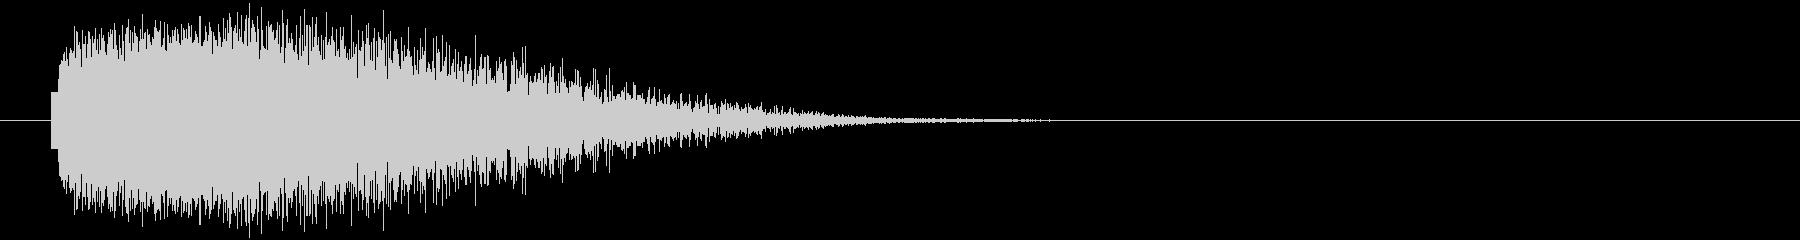 ビーム発射の未再生の波形